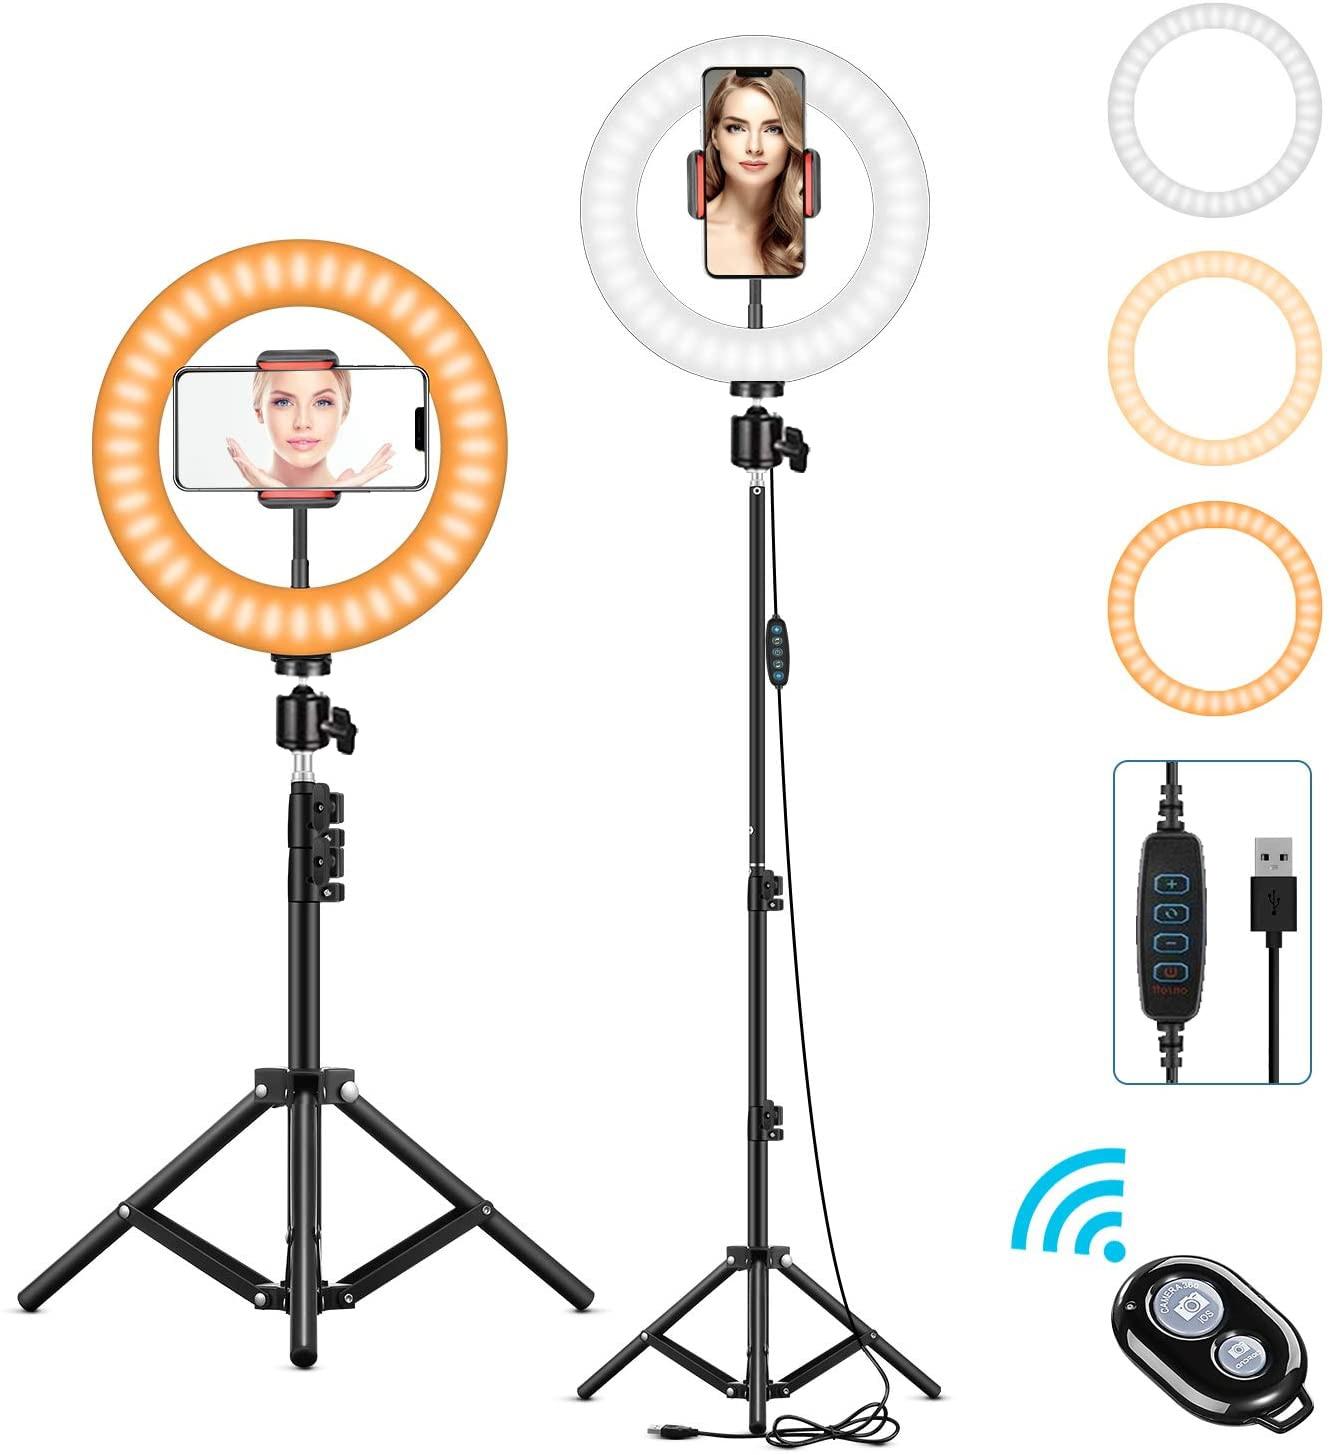 Fotografia led iluminação de preenchimento com tripé câmera photo studio círculo led selfie anel luz telefone lâmpada vídeo youtube